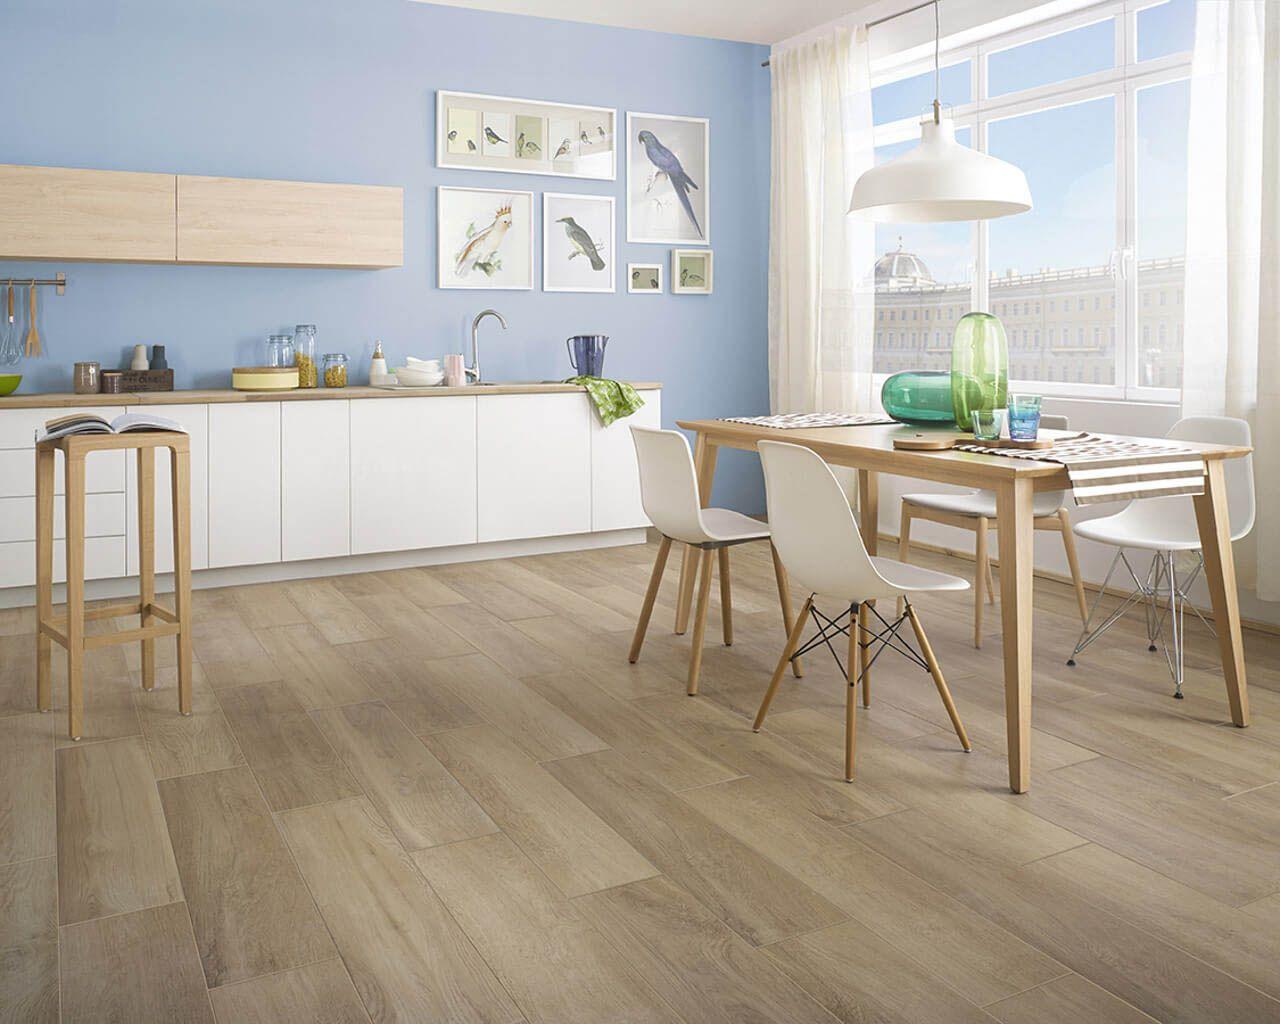 Fußbodenplatten Preise ~ Helle küche im skandinavischen stil mit fußbodenplatten aus